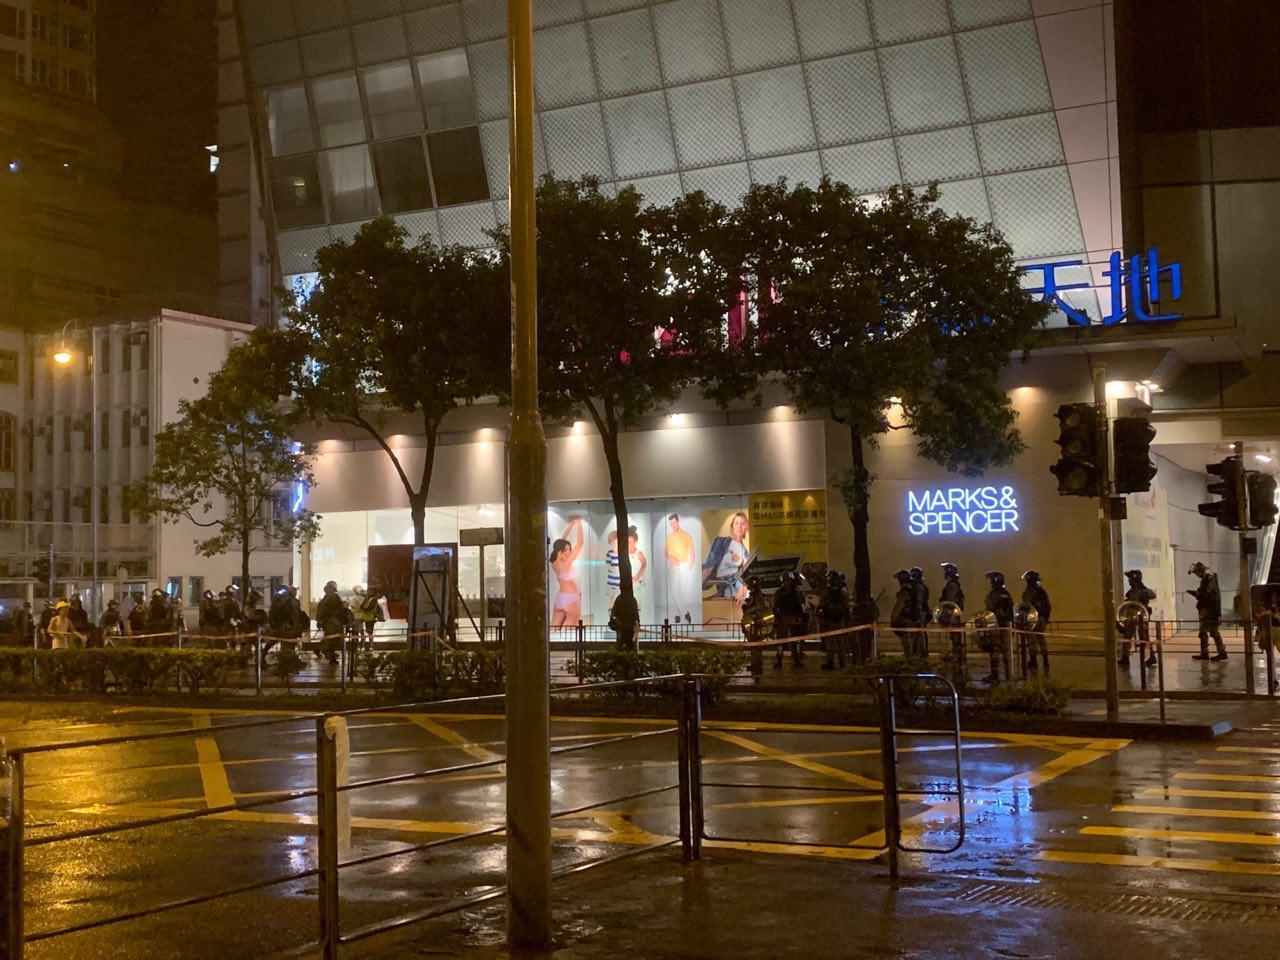 2019年8月25日晚上,大量警察分成小隊在荃灣市中心巡邏。(駱亞/大紀元)